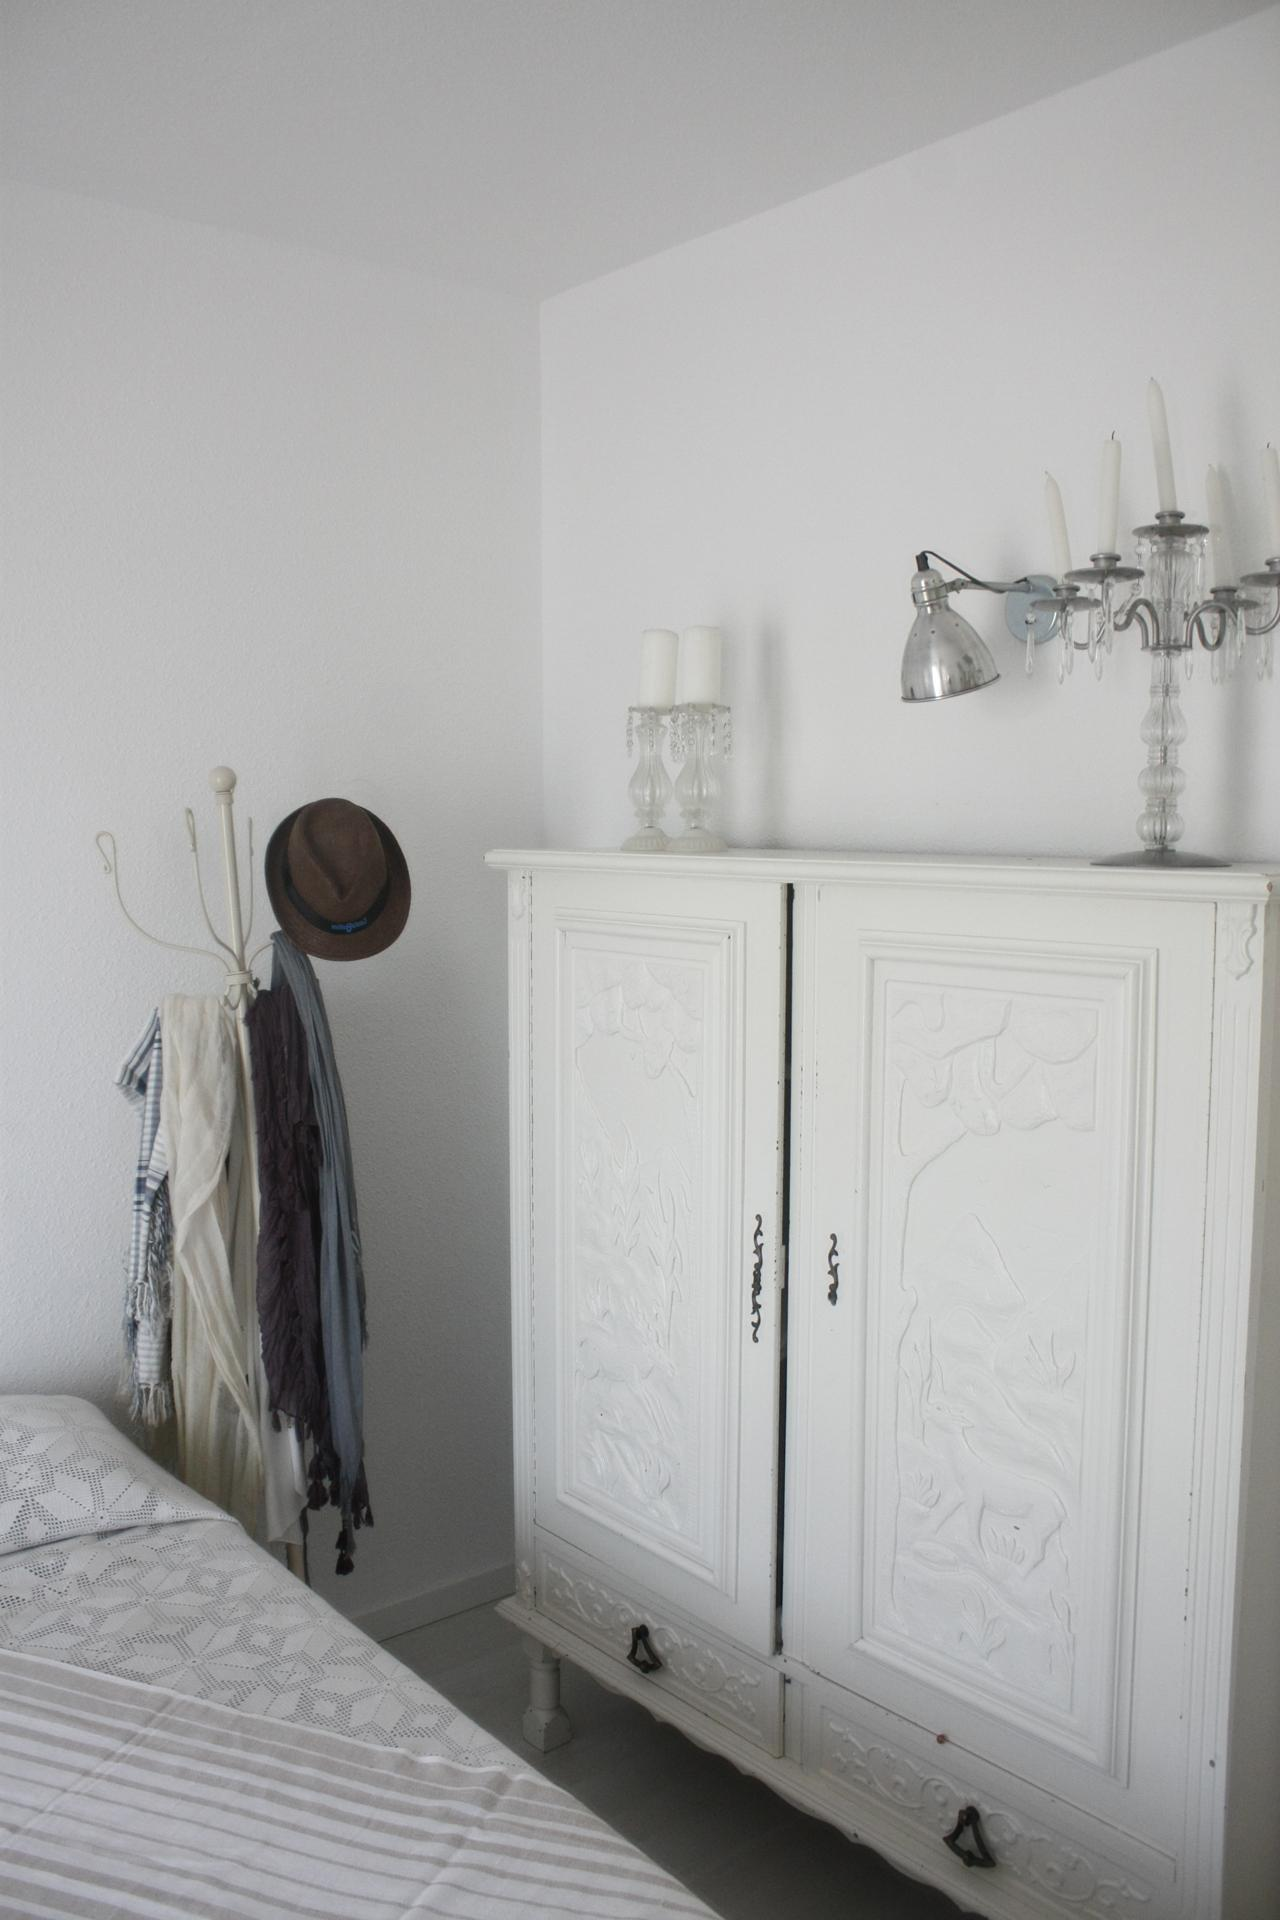 Full Size of Schlafzimmer Wandleuchte Mit Kabel Wandlampe Stecker Wandleuchten Bett Ikea Holz Leselampe Bad Deckenleuchten Massivholz Komplettangebote Vorhänge Nolte Wohnzimmer Schlafzimmer Wandleuchte